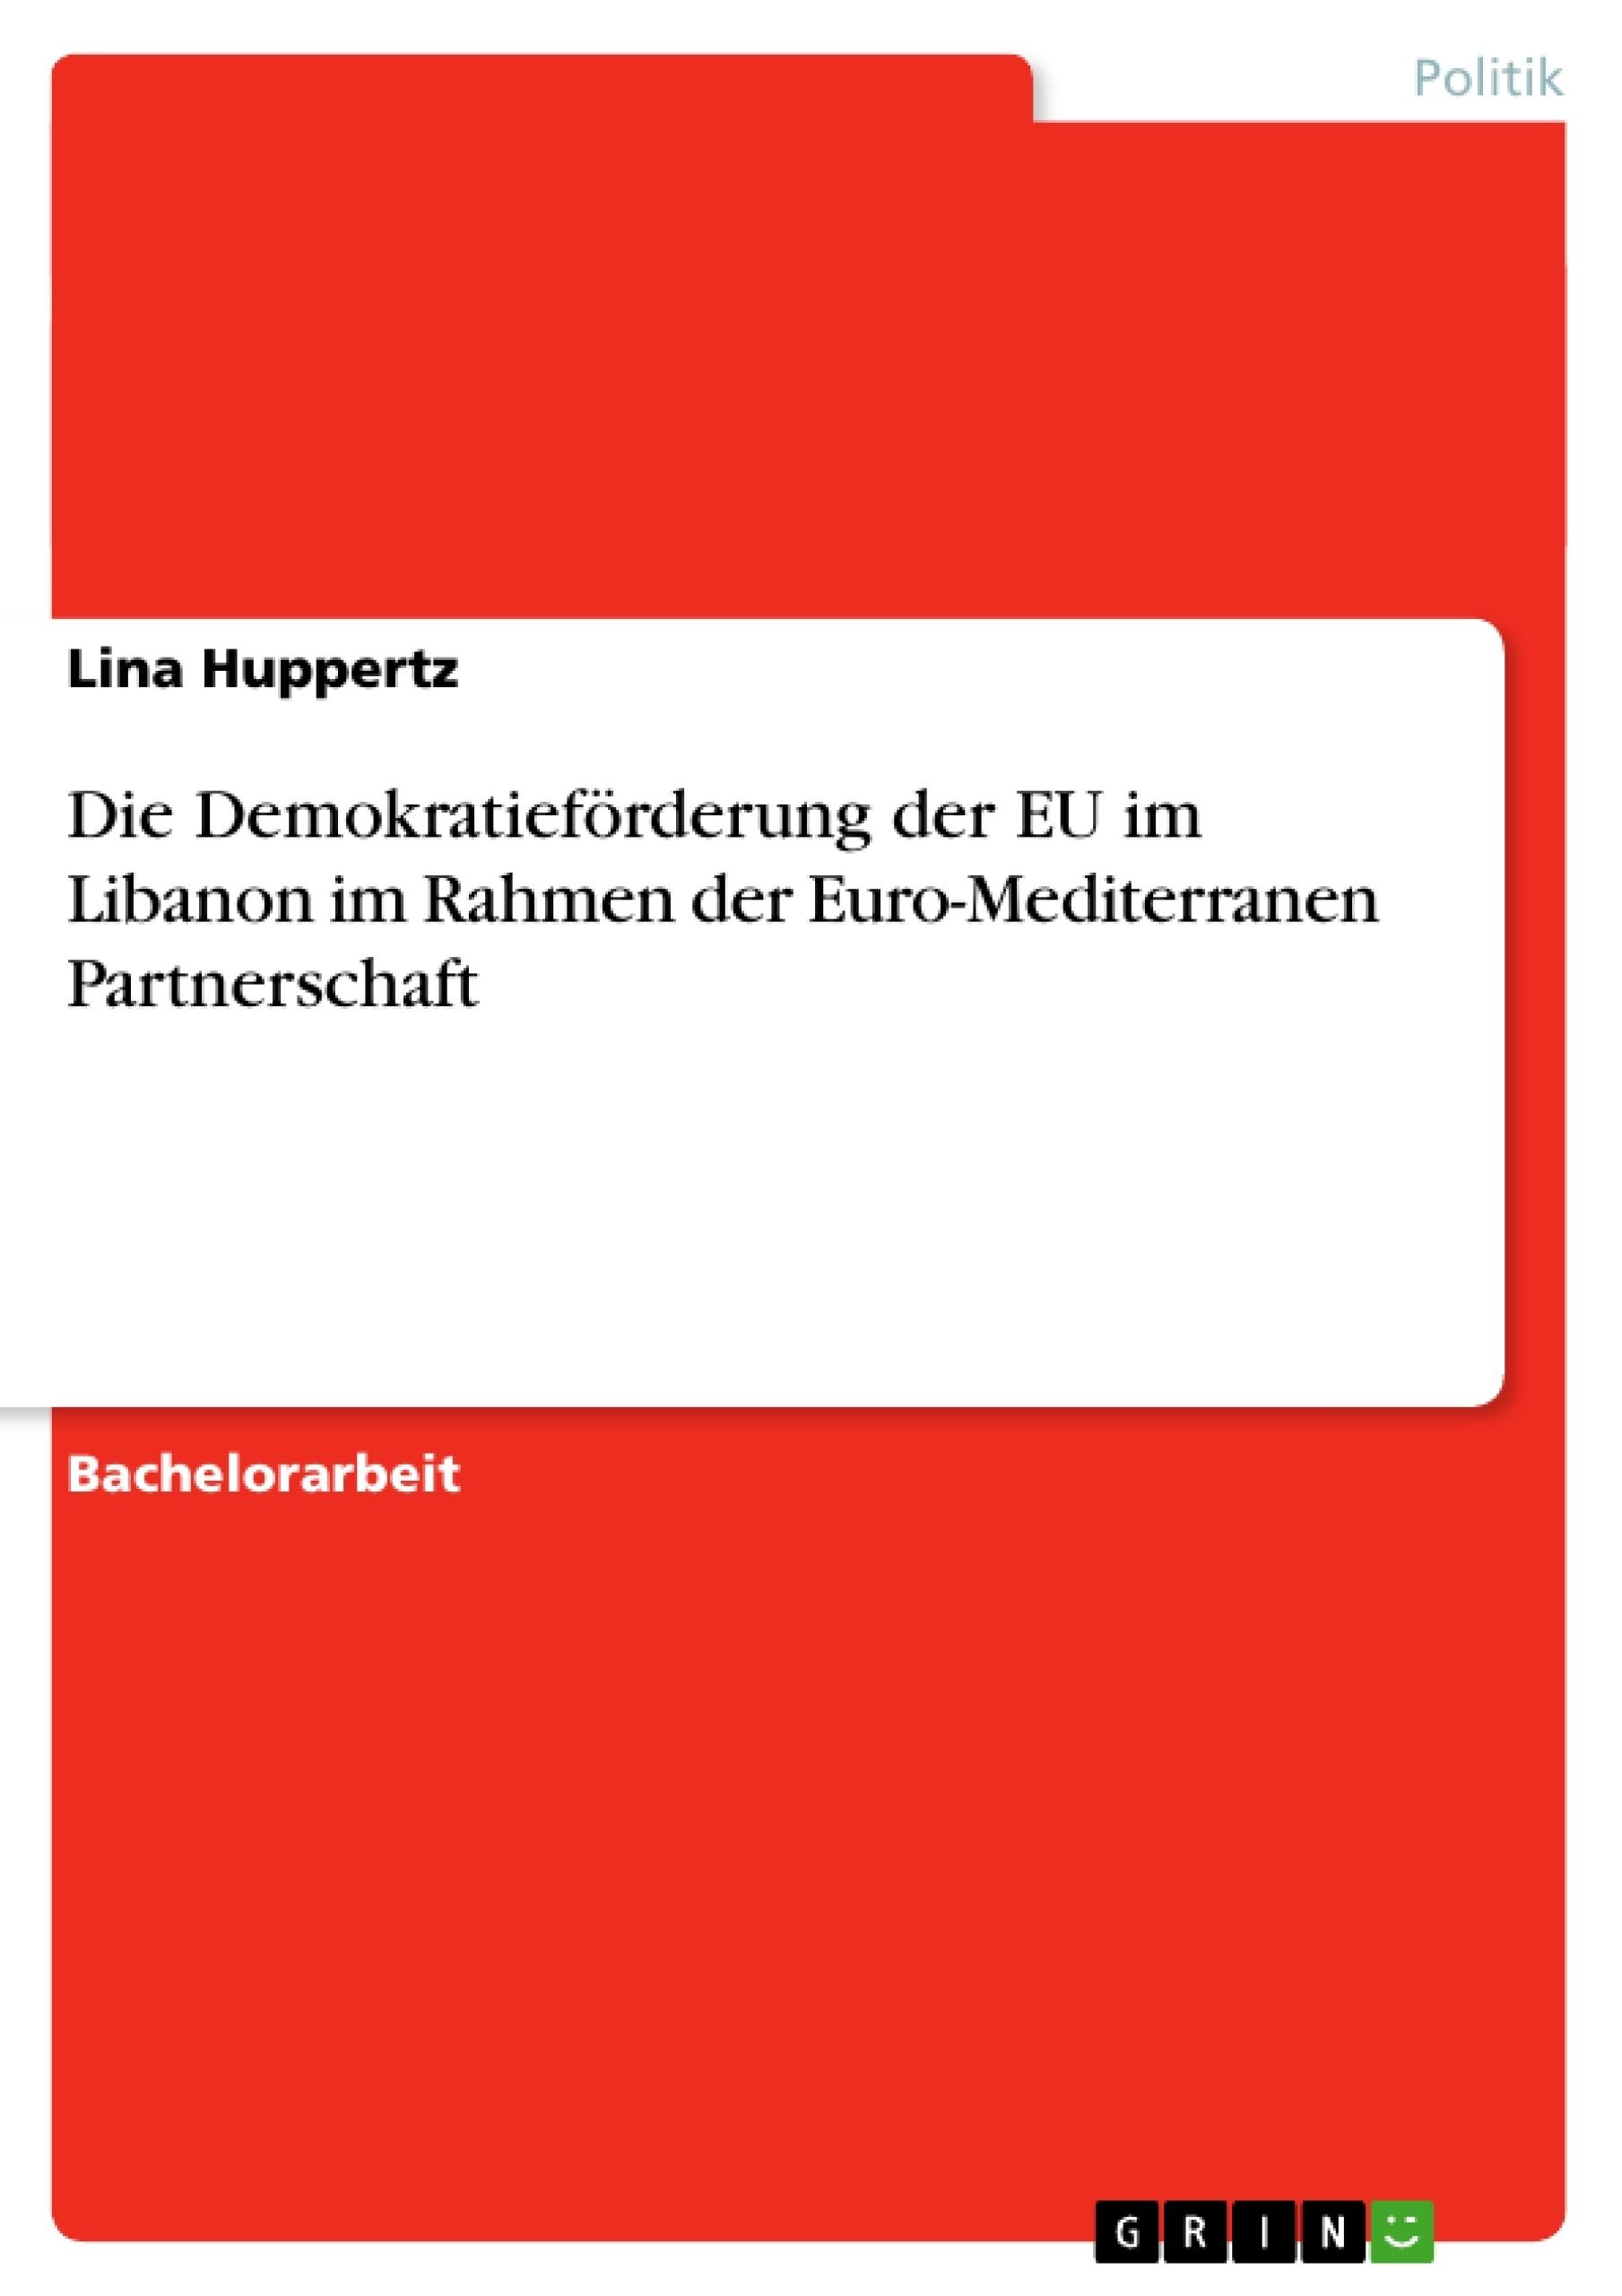 Titel: Die Demokratieförderung der EU im Libanon im Rahmen der Euro-Mediterranen Partnerschaft